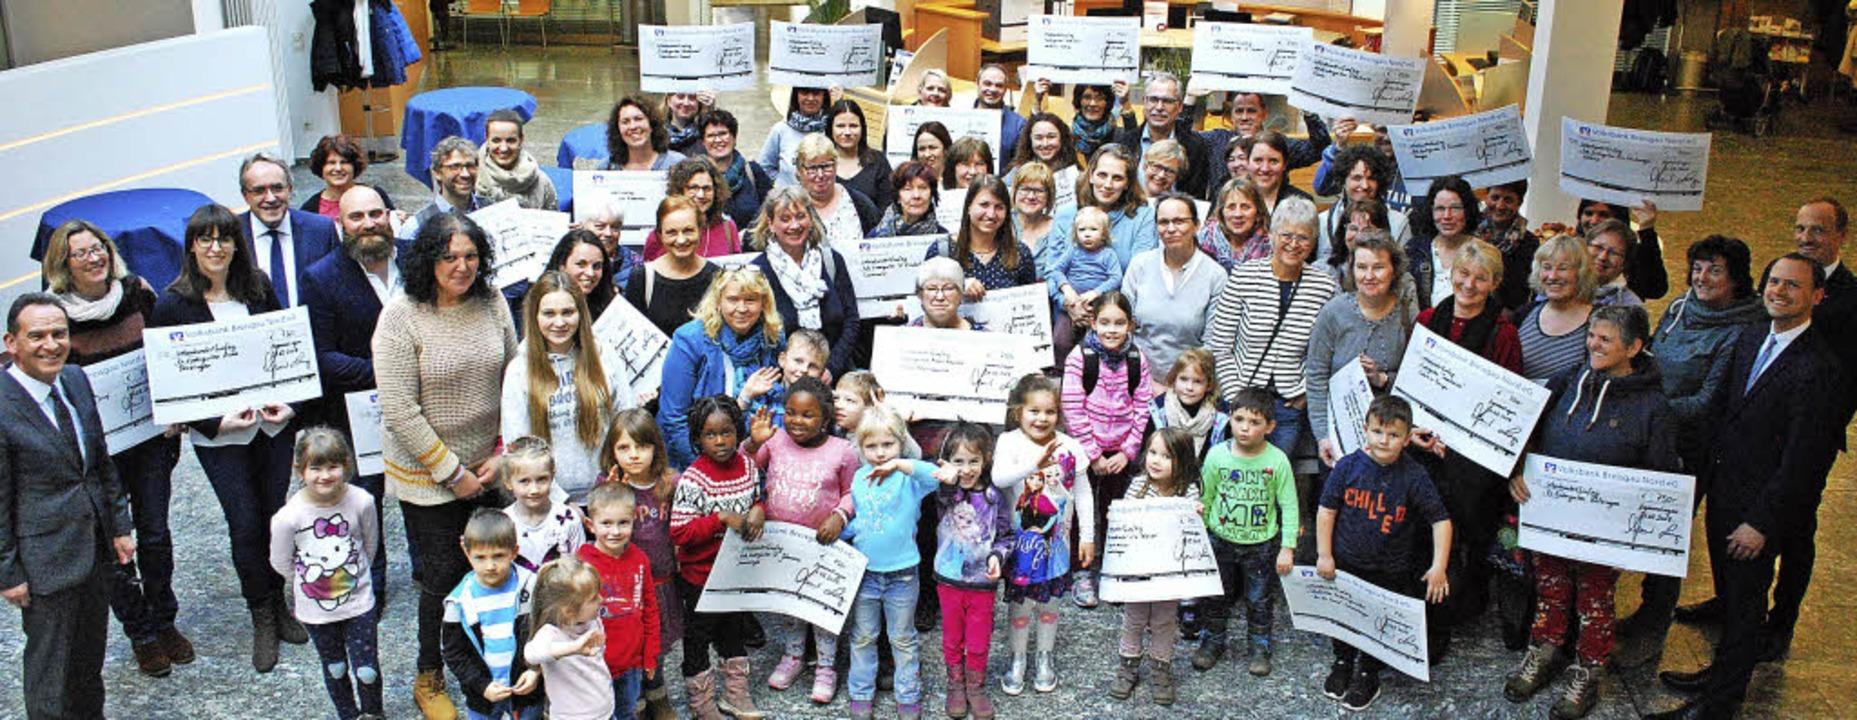 Über die Osterspende der Volksbank fre...chultis übergaben die Spendenschecks.   | Foto: Sylvia-Karina Jahn